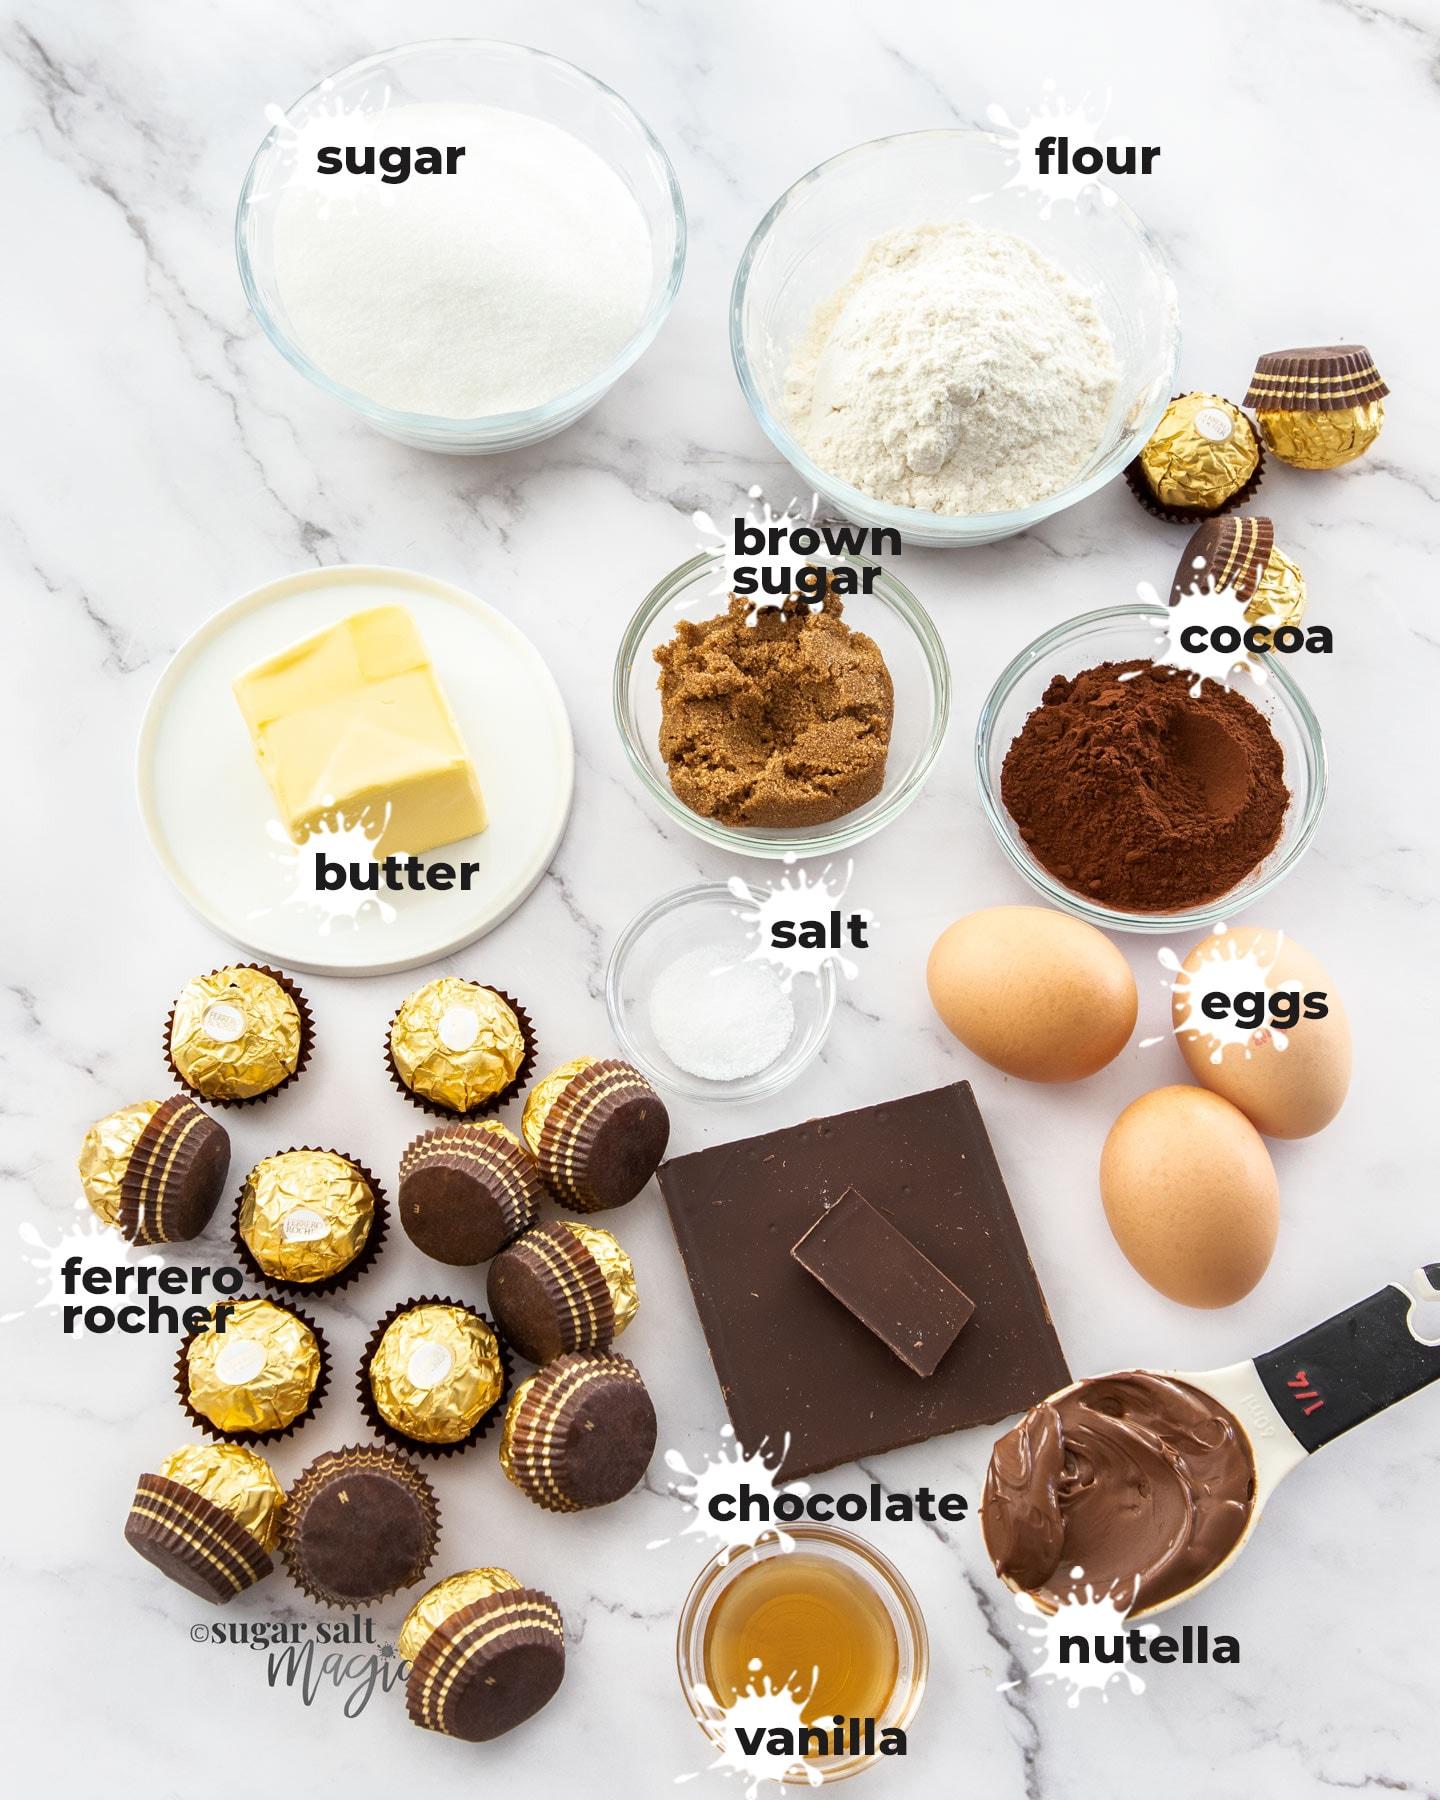 Ingredients for making brownies.